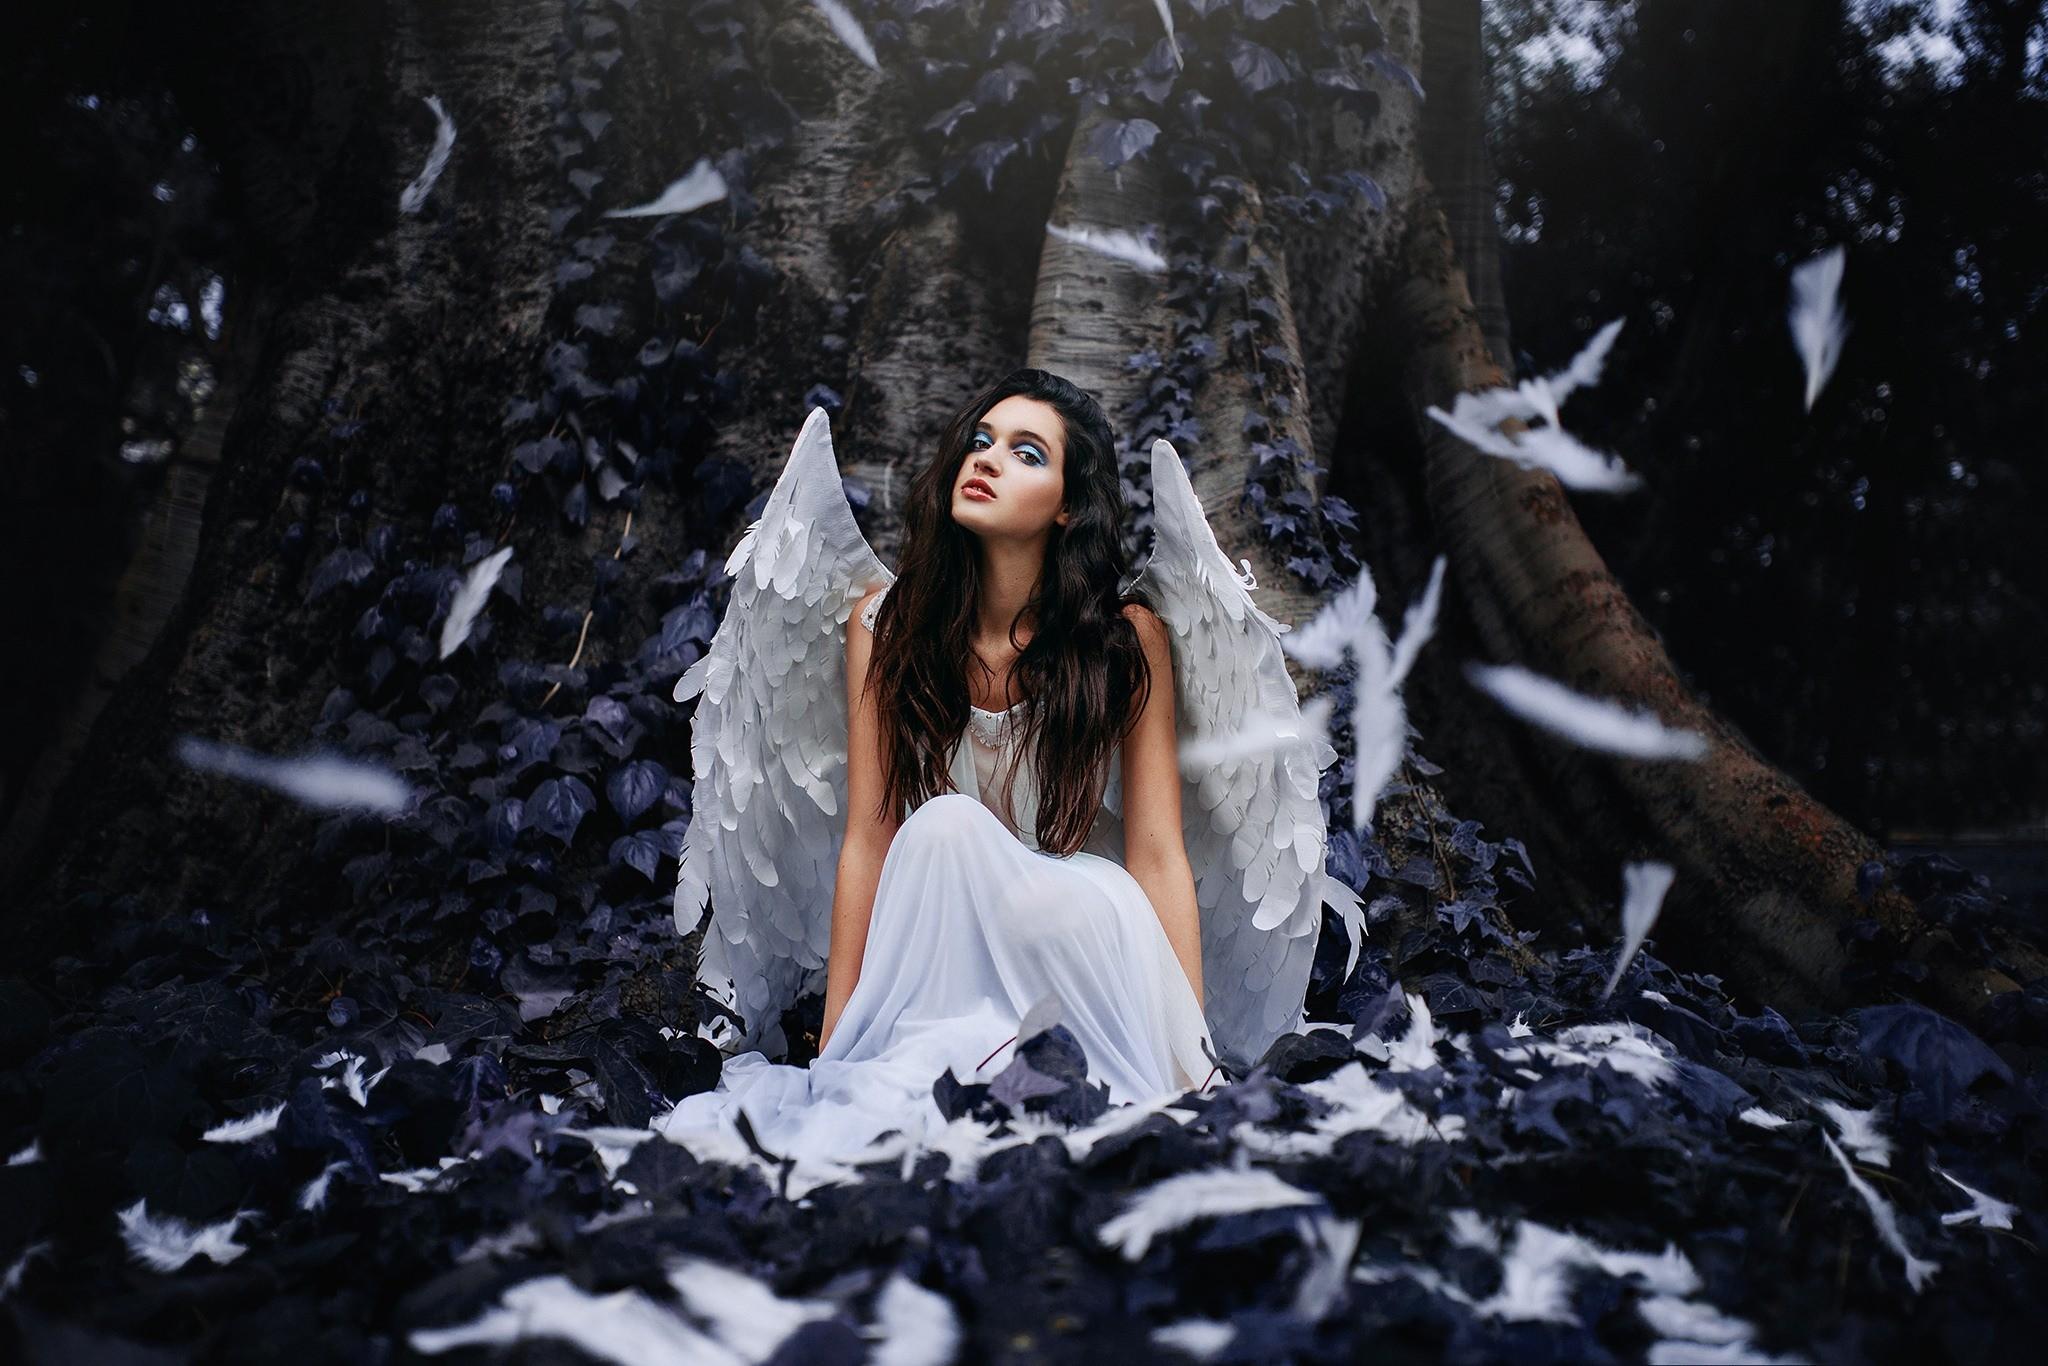 Hintergrundbilder  Wald Frau Fantasie Mdchen Engel